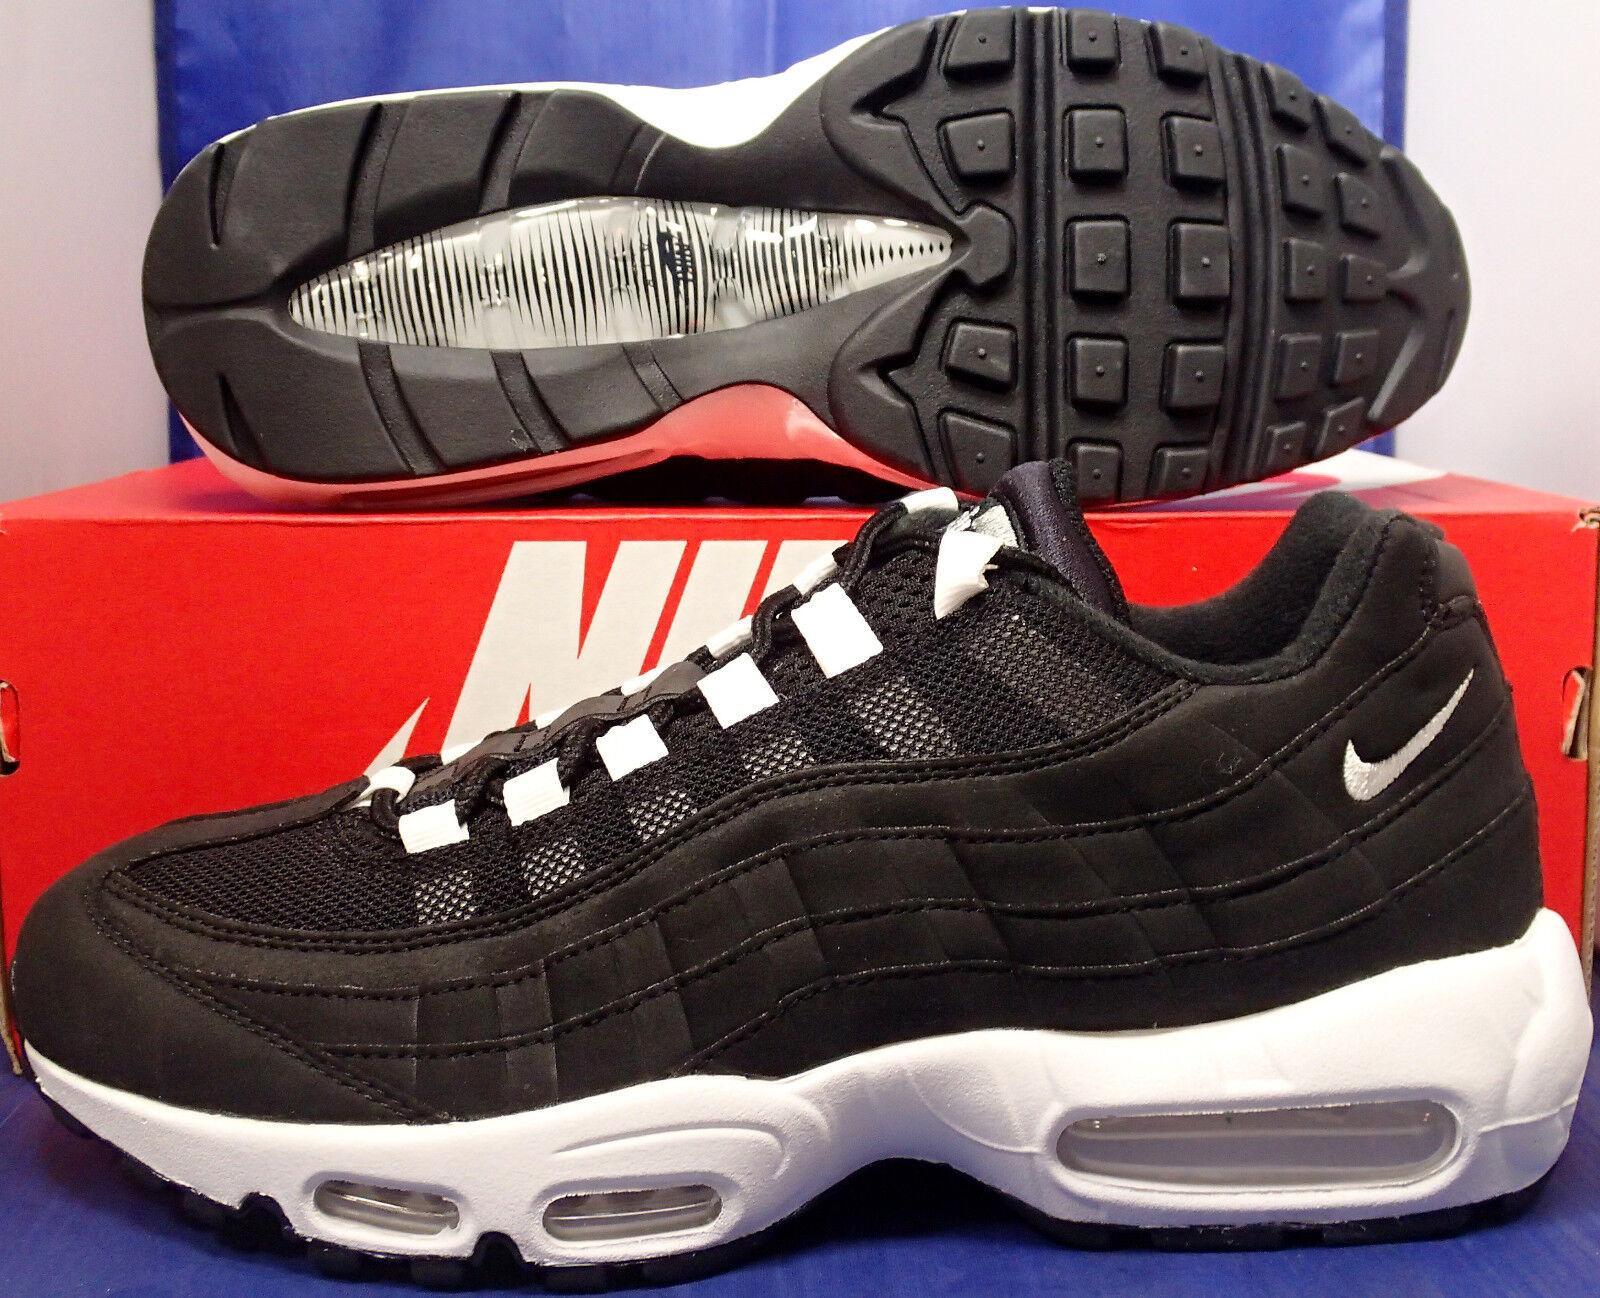 Nike Air Max 95 Id blancoooo y Negro Talla 8.5 (818592-993